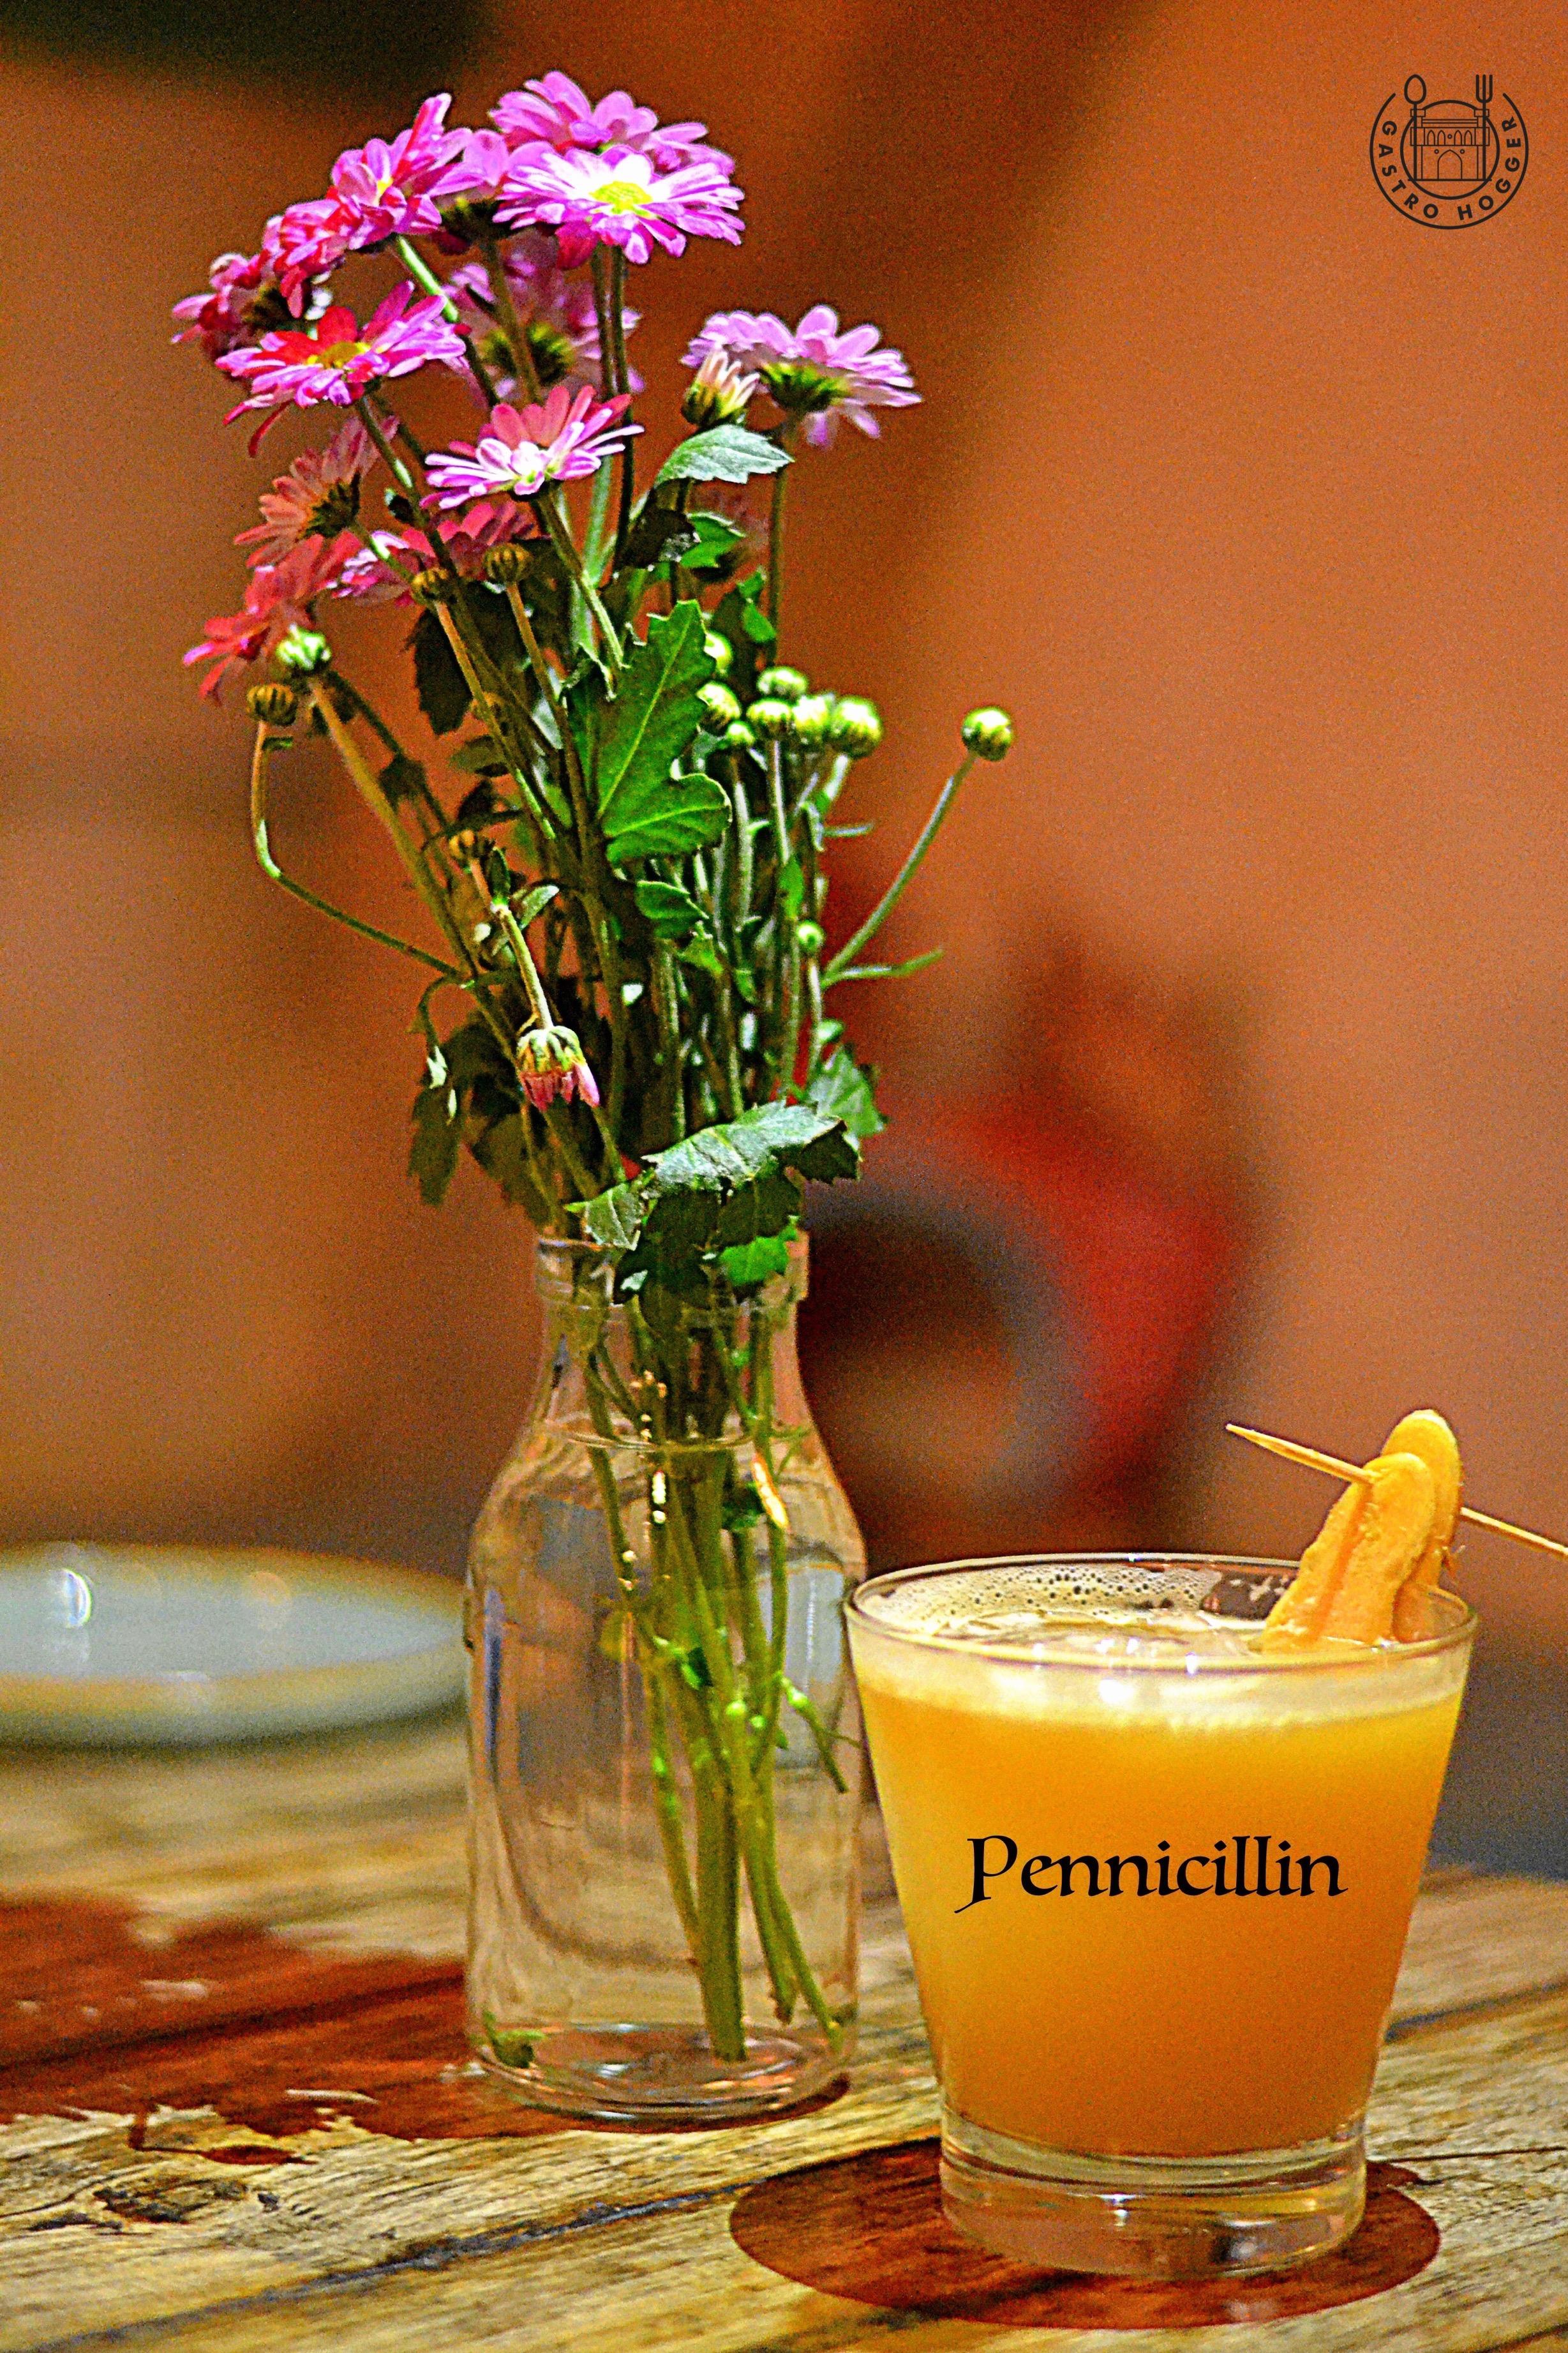 Pencillin